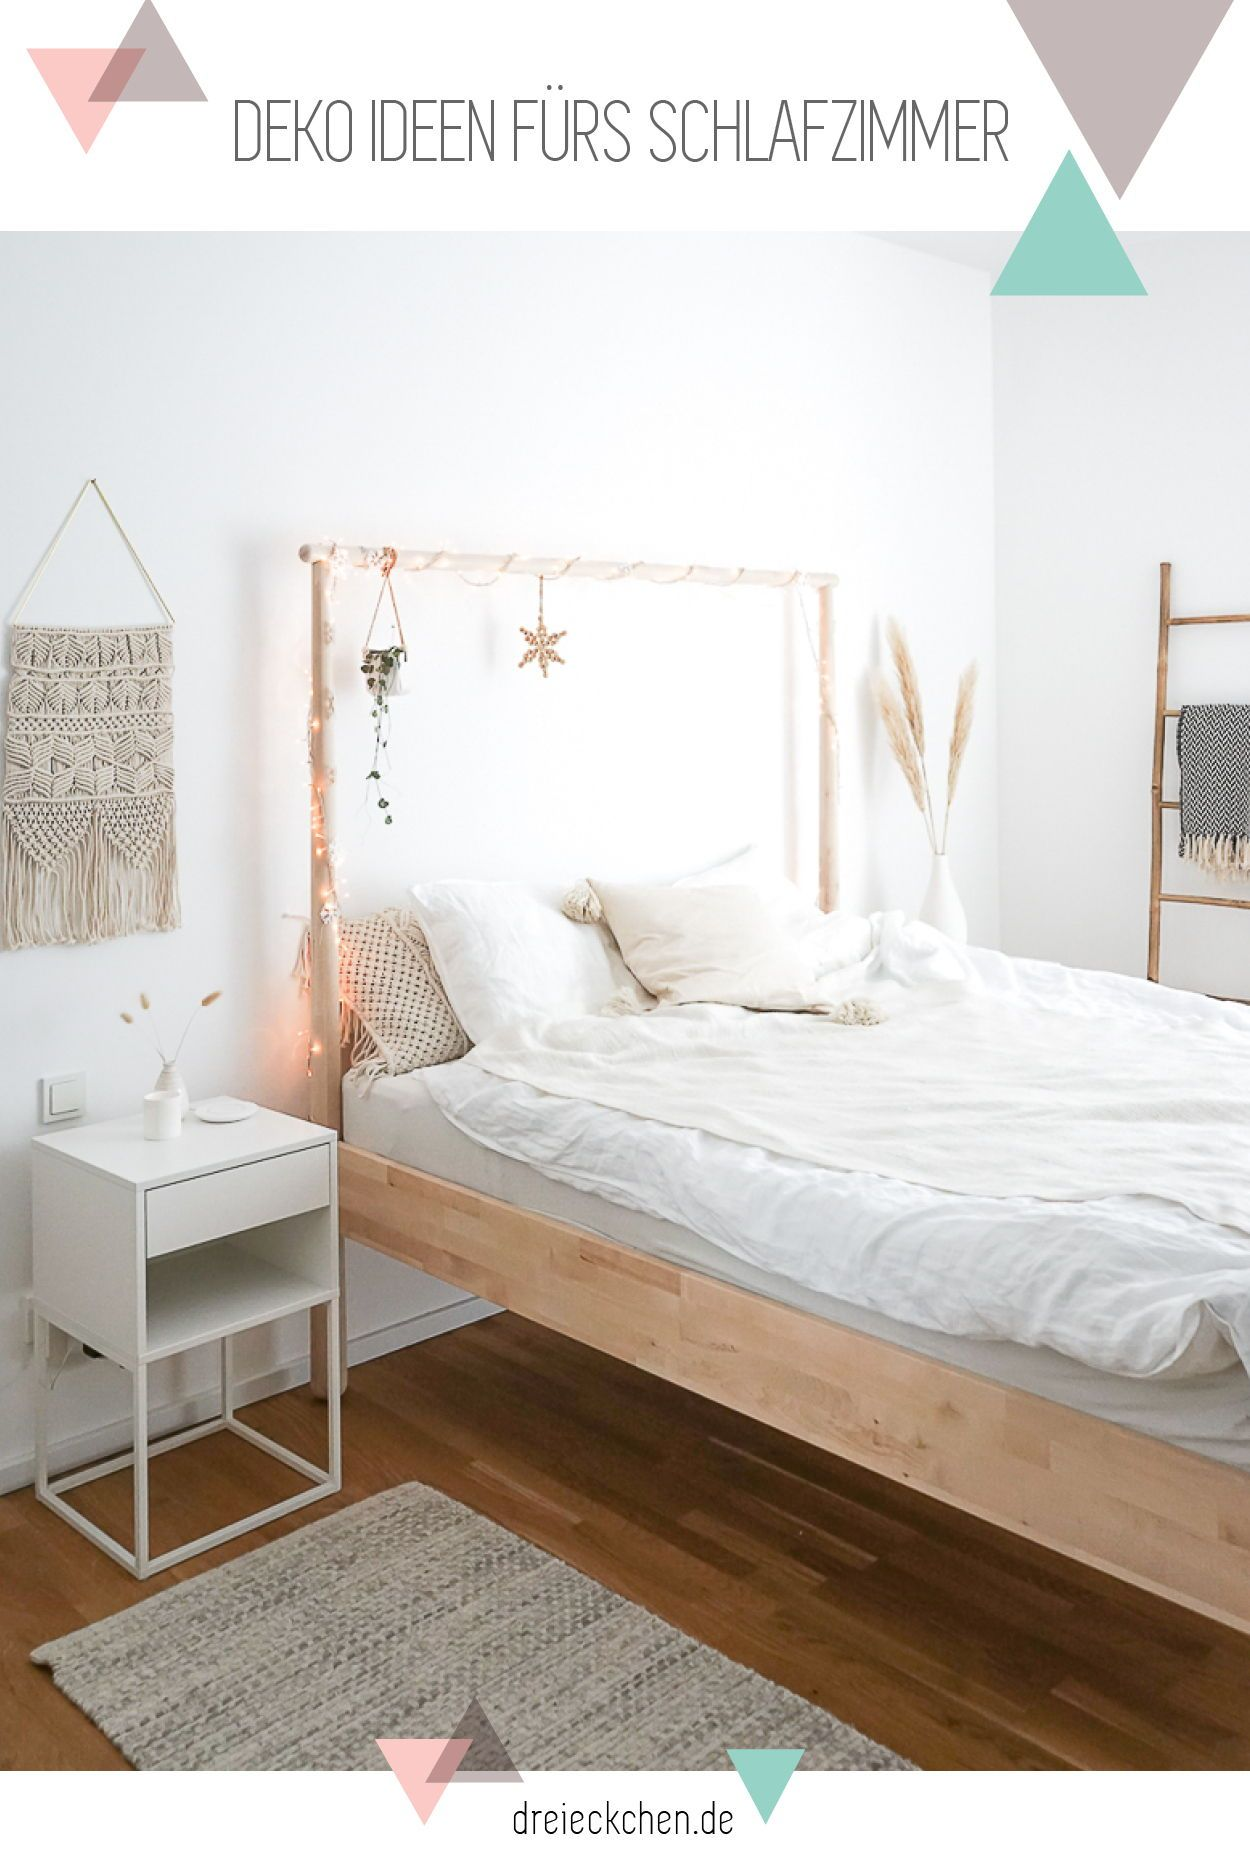 Gemütliche Deko Ideen fürs Schlafzimmer: